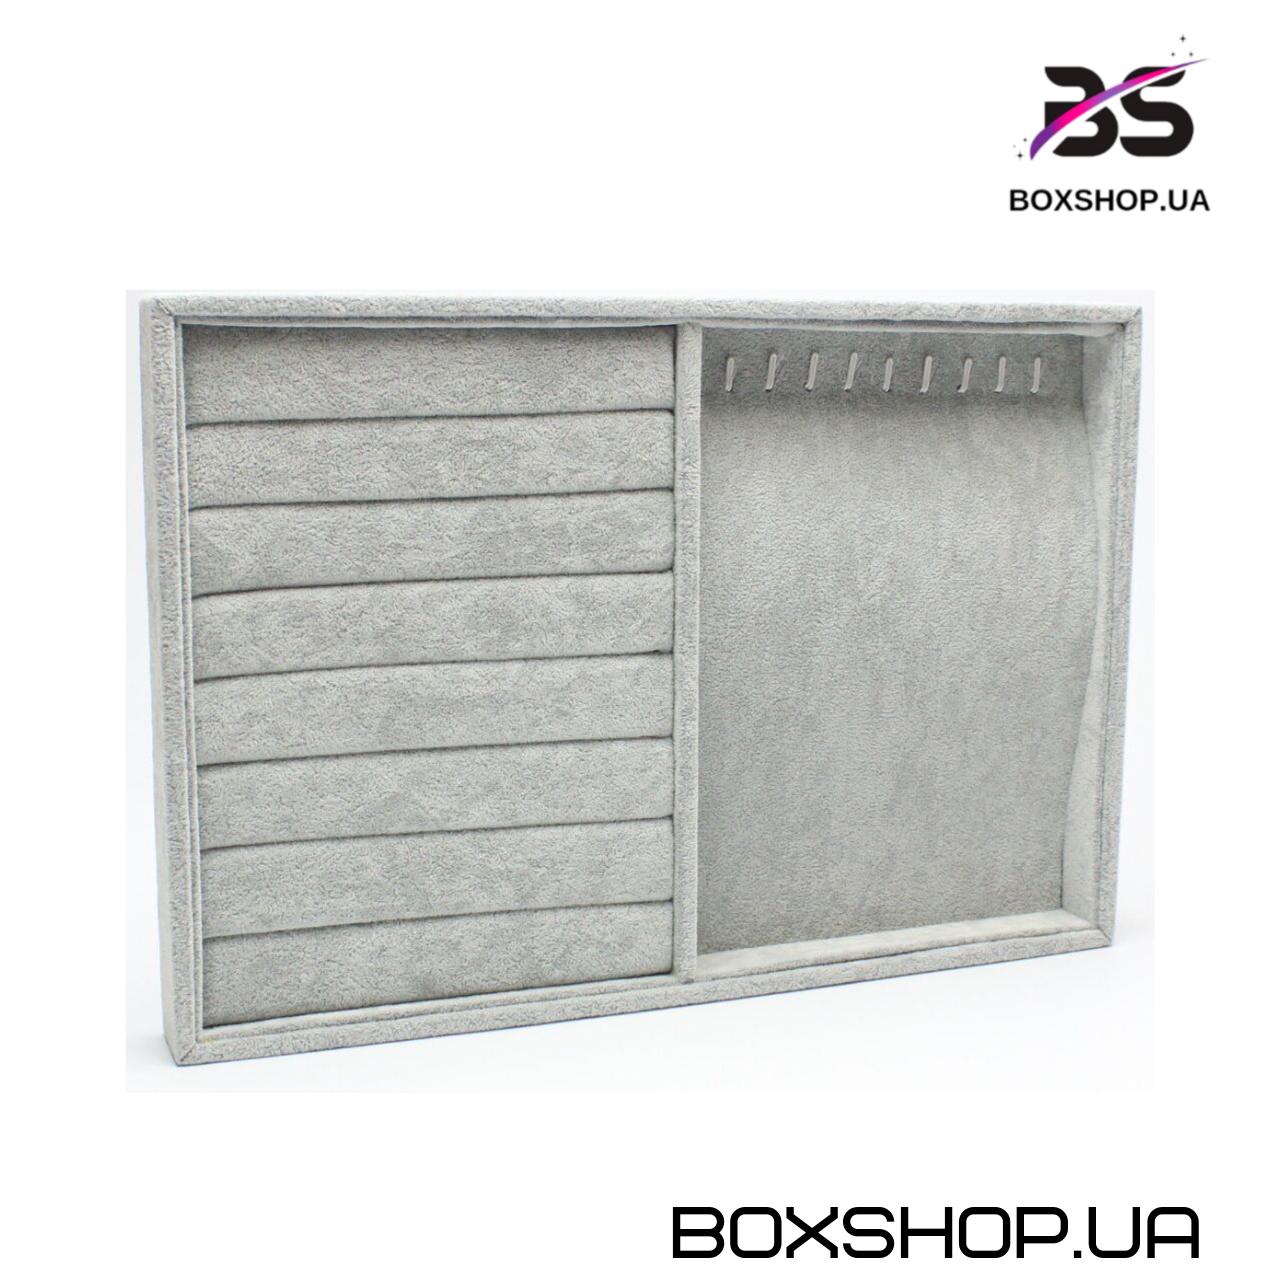 Ювелирный планшет BOXSHOP - 1022444444